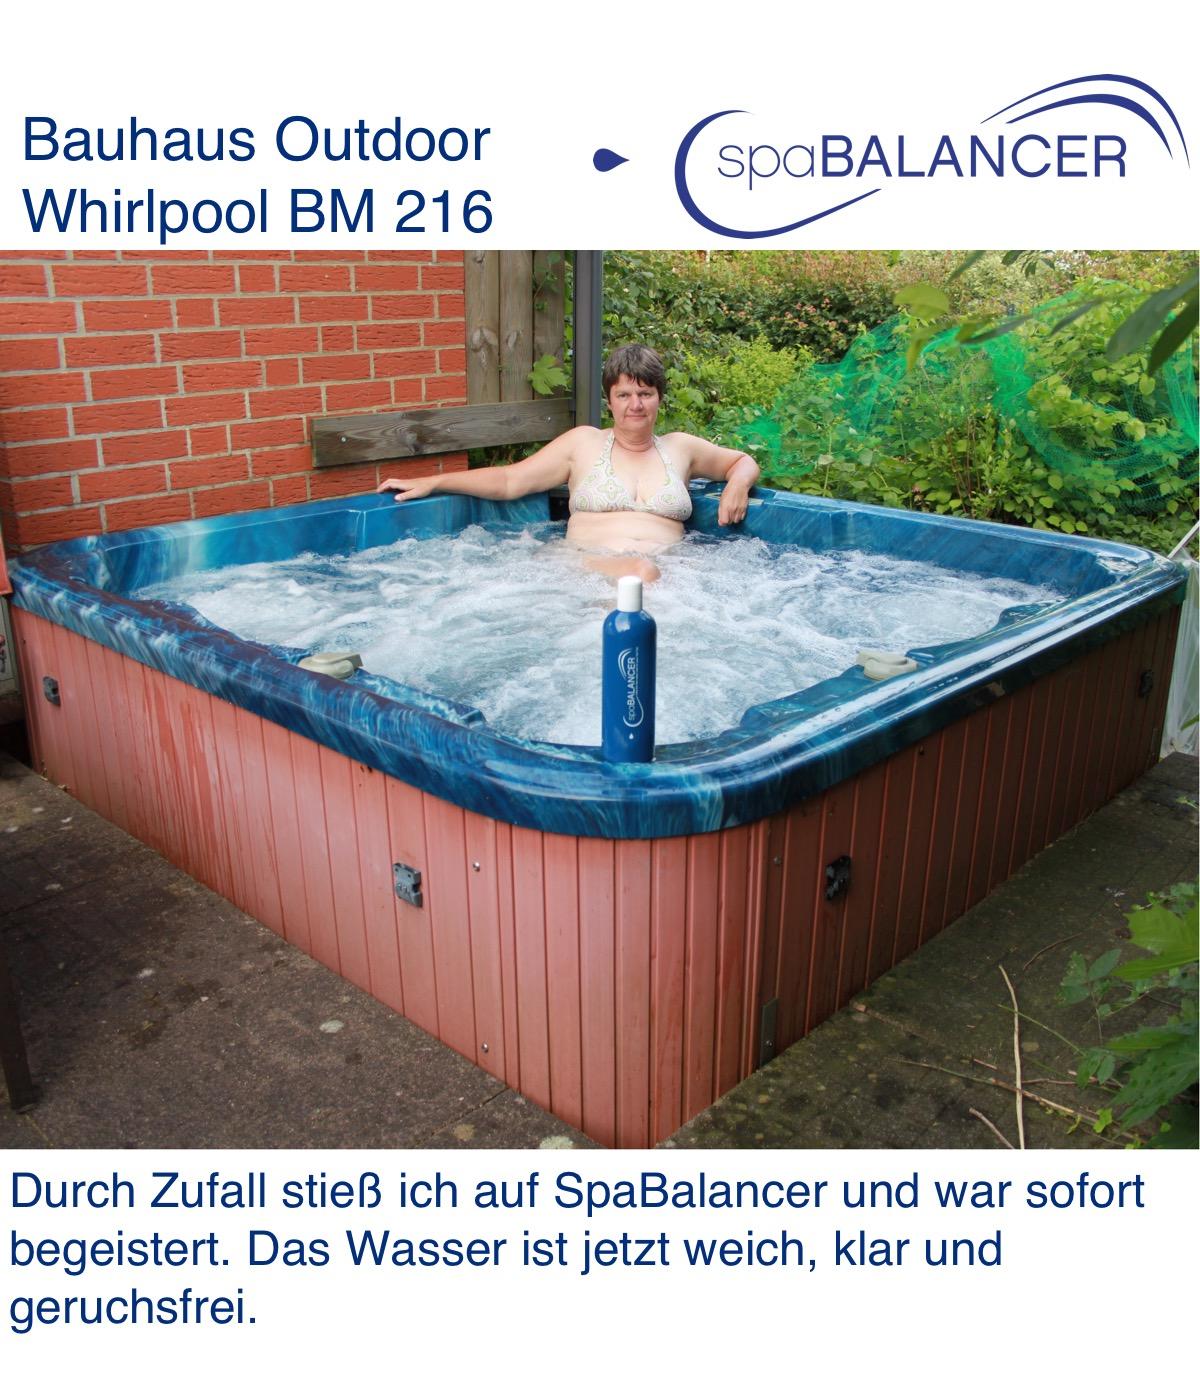 Full Size of Whirlpool Bauhaus Intex Angebot Outdoor Badewanne Mars Aufblasbar Garten Miami Erfahrung Bm 216 Von Spabalancer Fenster Wohnzimmer Whirlpool Bauhaus